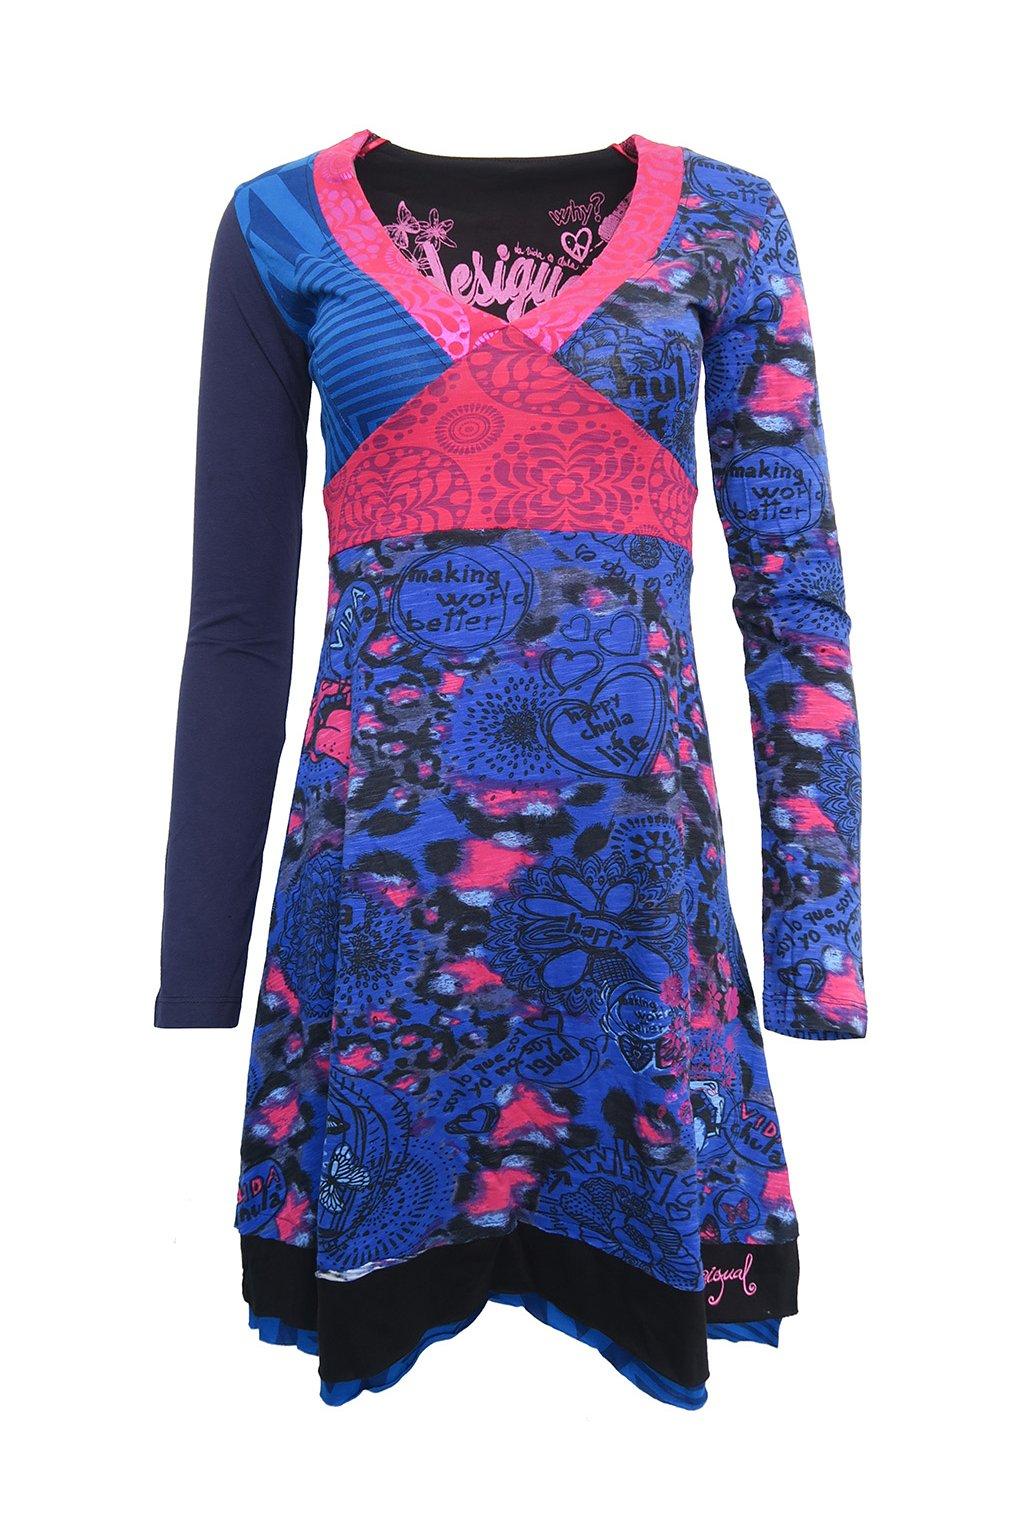 Modrorůžové šaty se srdíčky Desigual